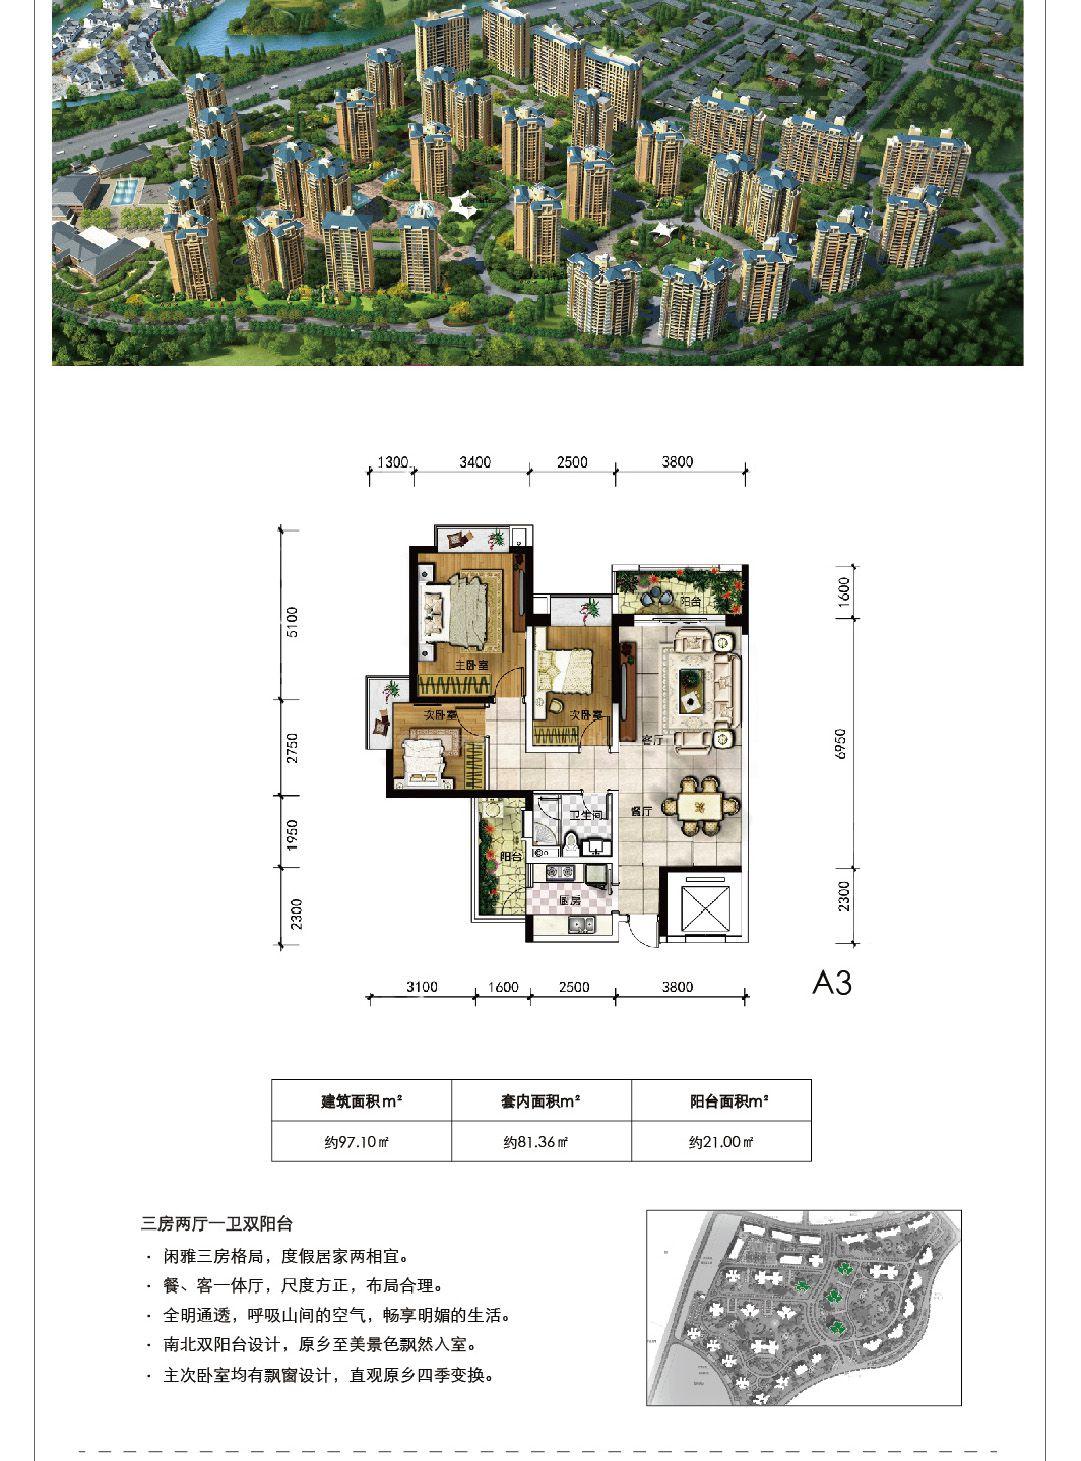 山居高黎洋房A3户型 3室2厅1卫1厨 建筑面积:97.10㎡